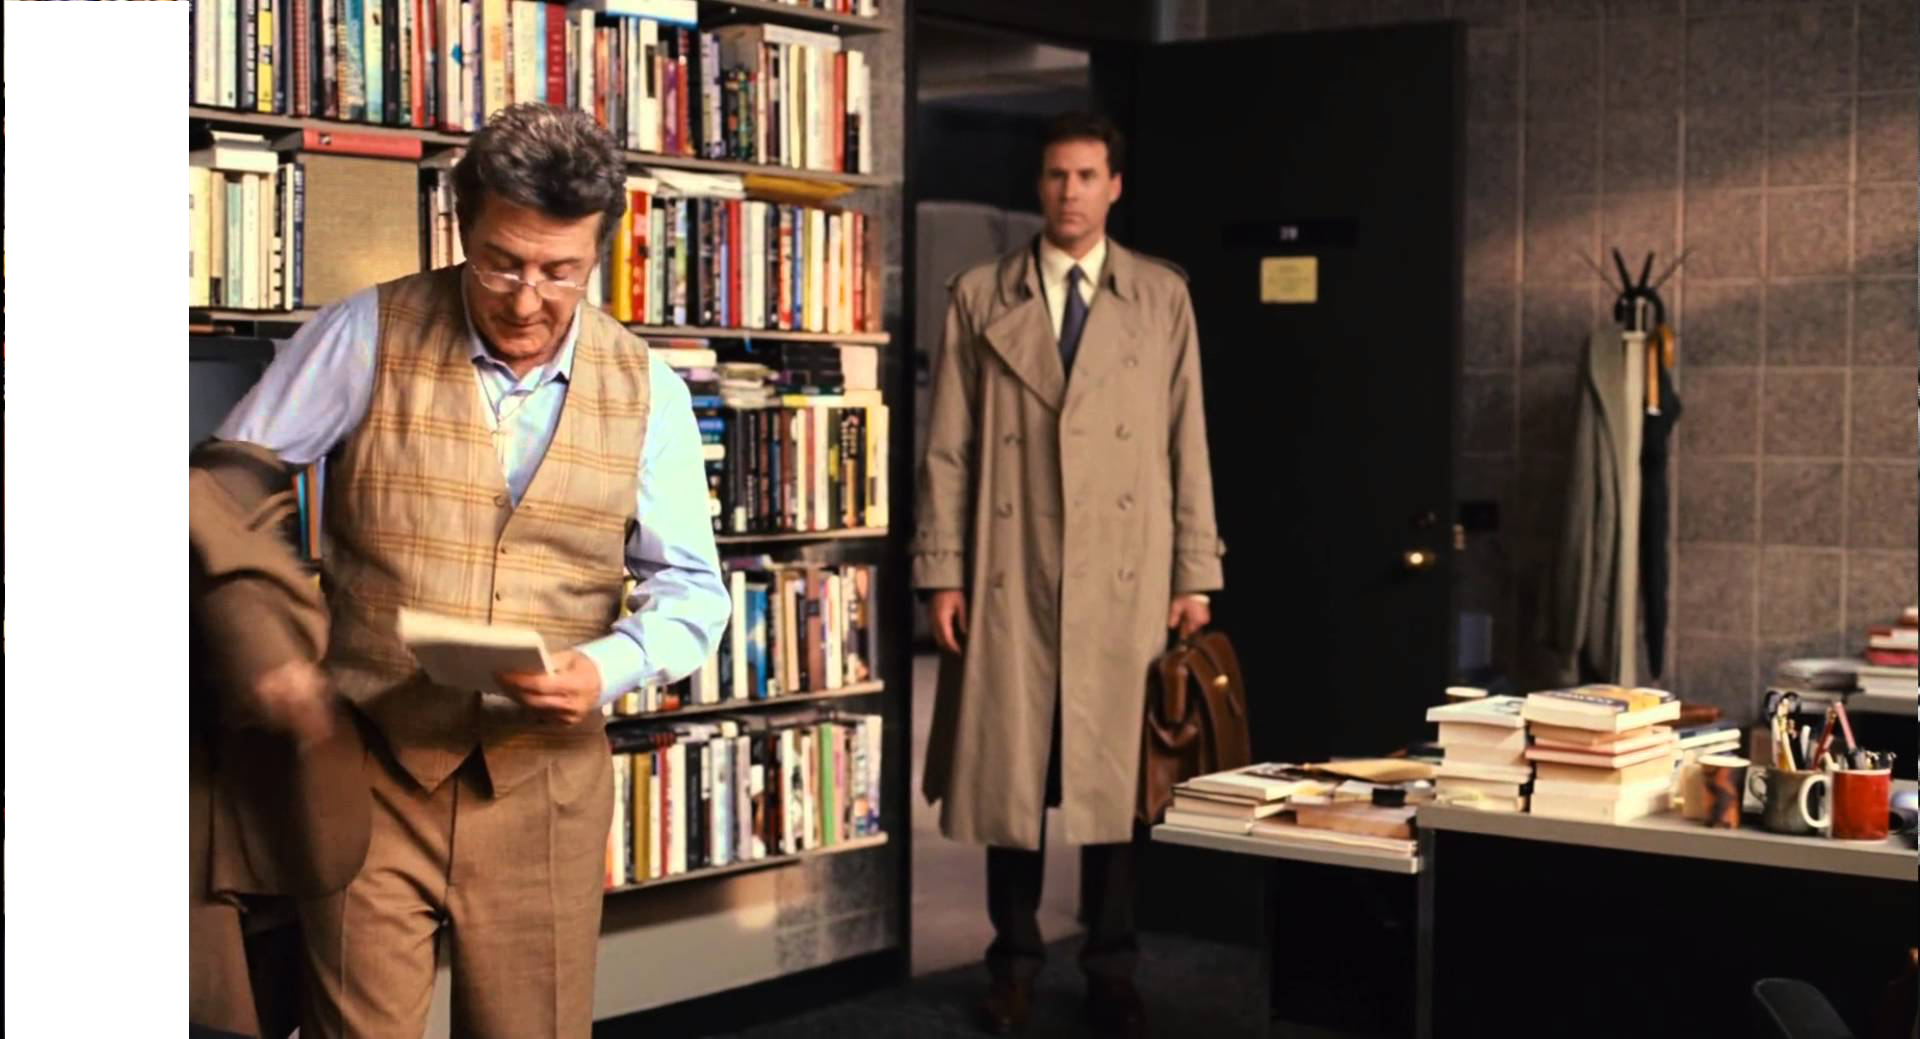 بعيدًا عن قسوة داستين هوفمان: هل تغير النهاية المصير الأدبي لرواية؟